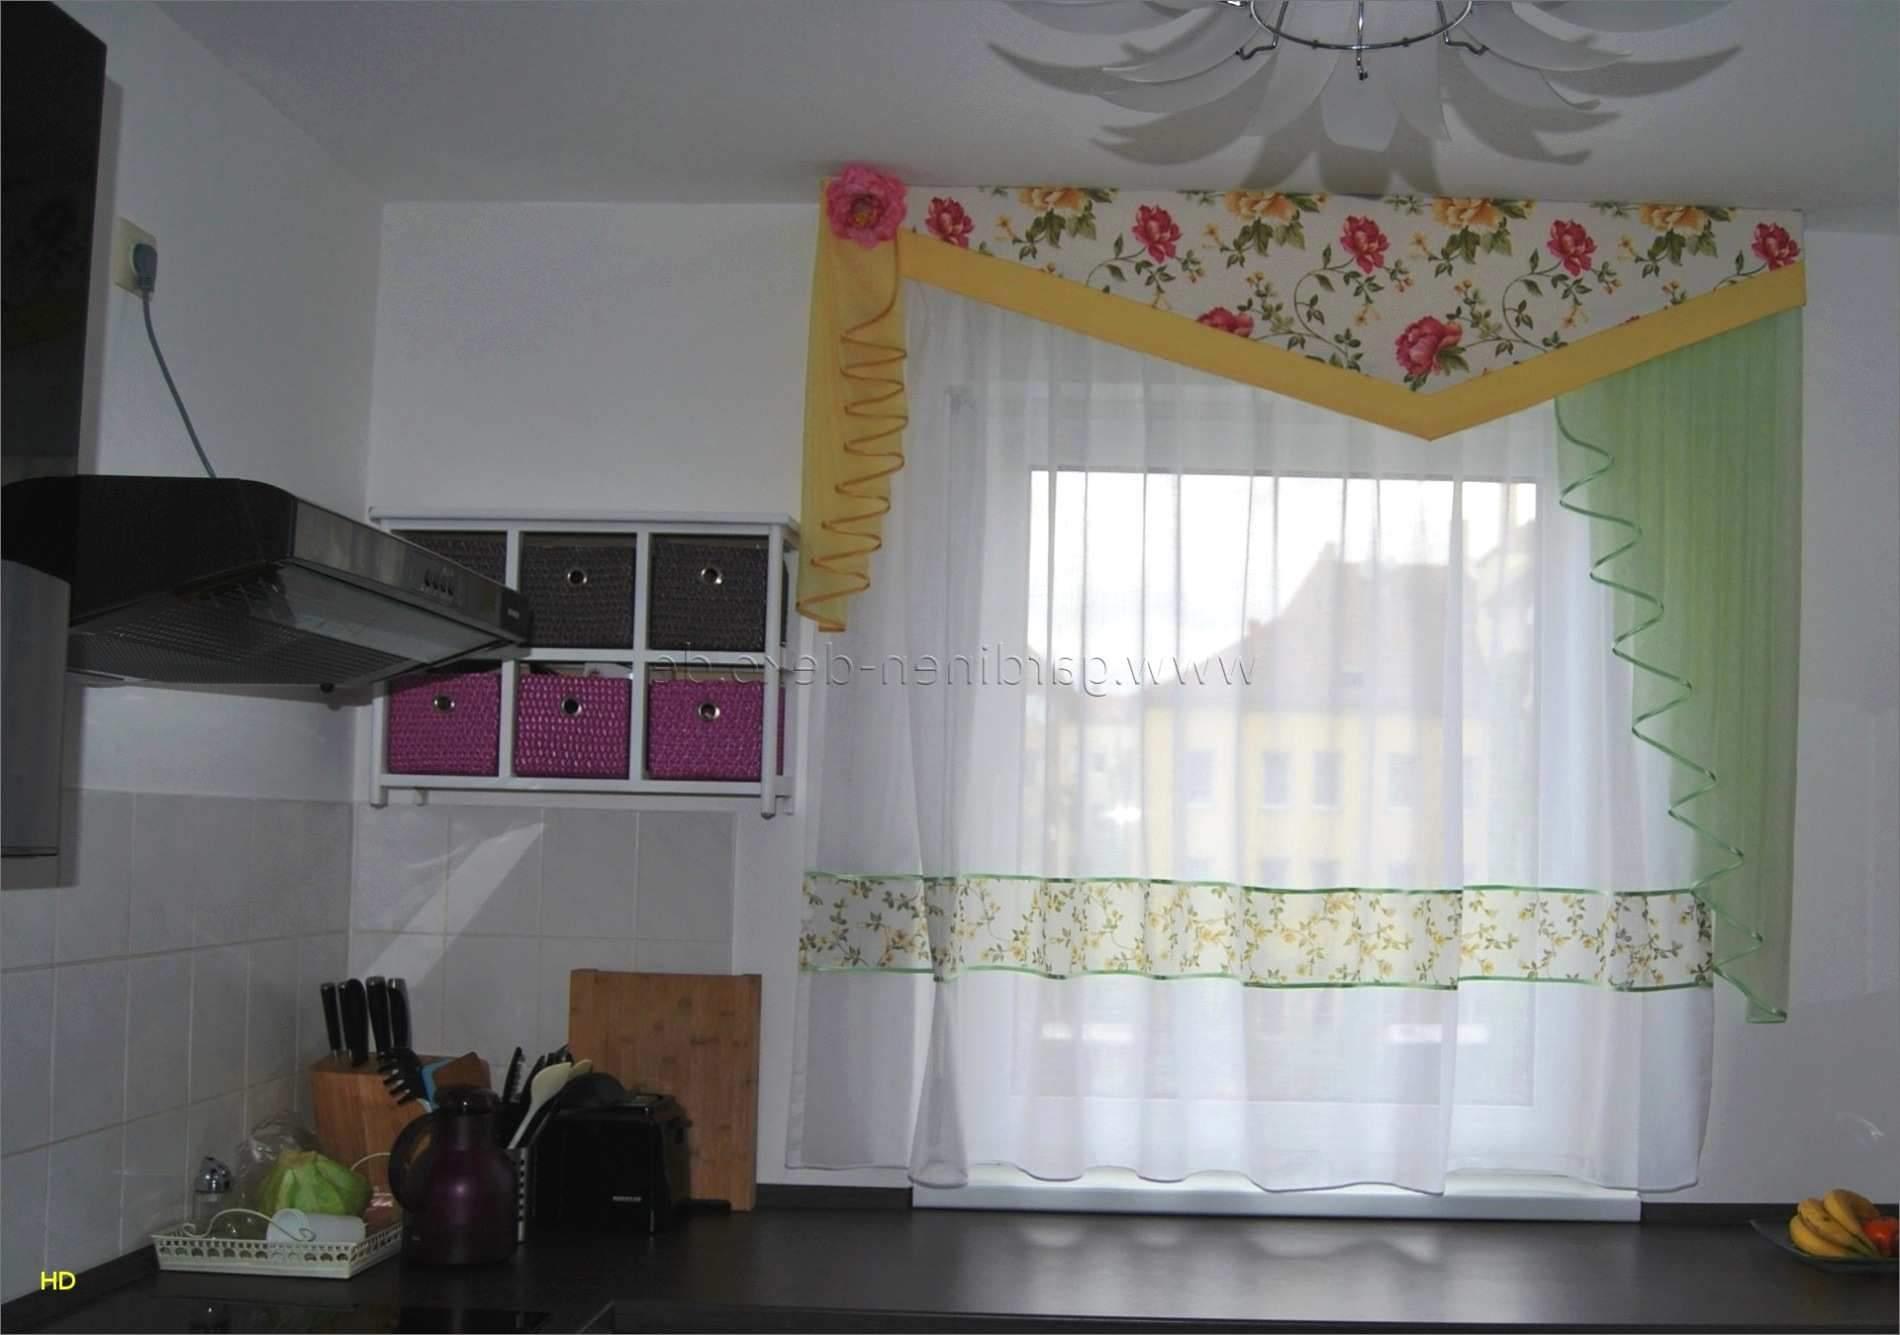 Full Size of Gardinen Stores Für Wohnzimmer Inspirierend Küche Vorhänge Ideen Küche Vorhänge Küche